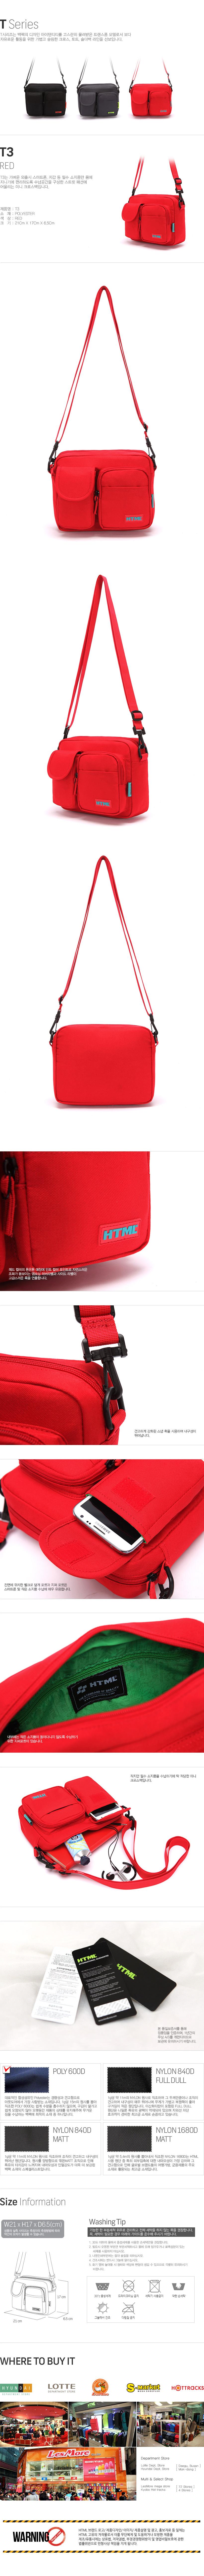 T3-RED_02.jpg